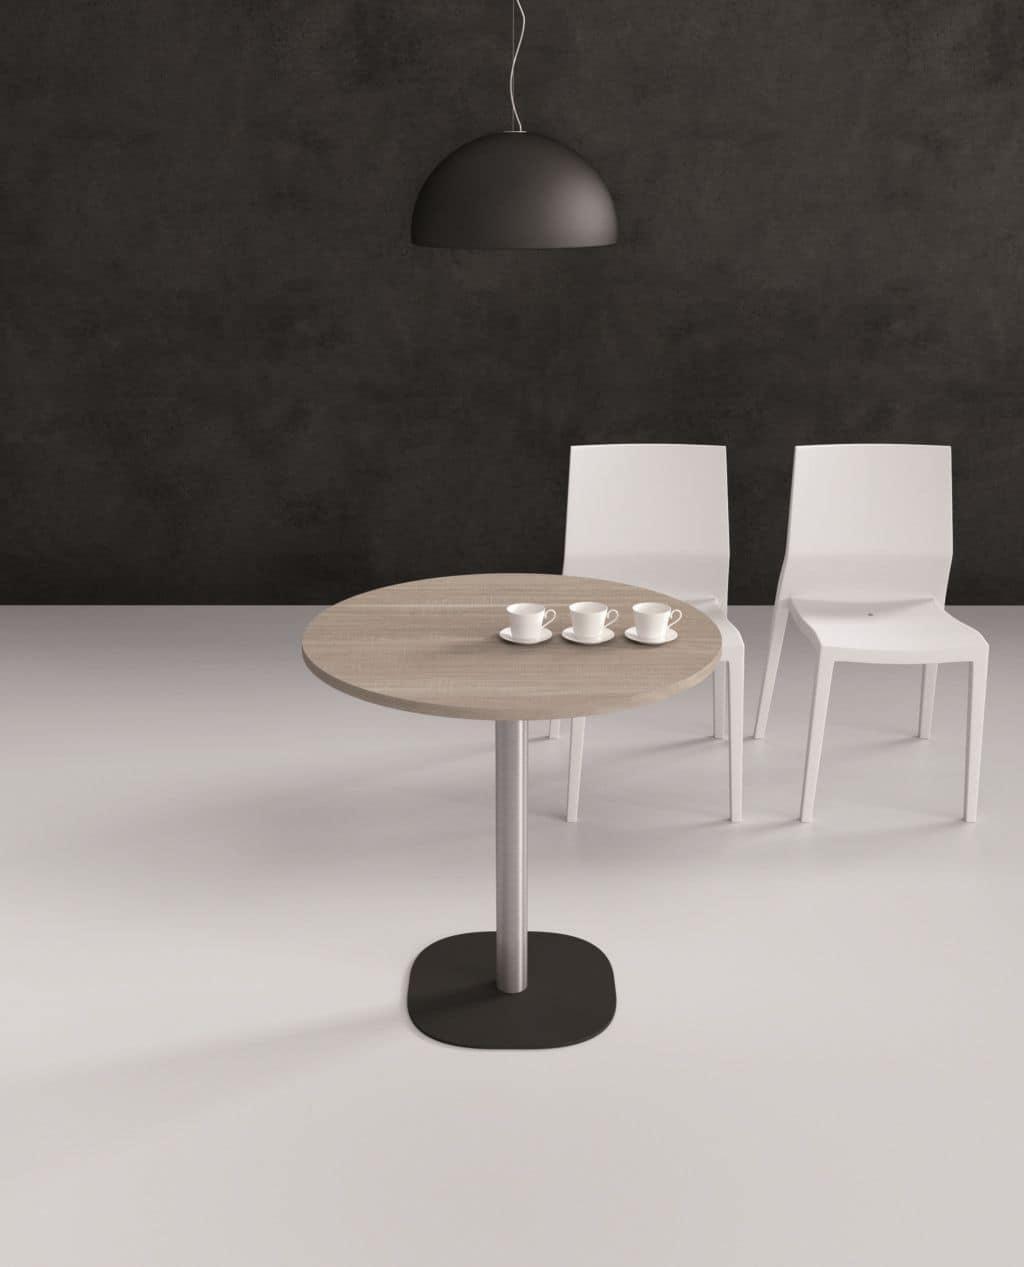 Tavolino Moderno Metallo Kim : Tavolino da bar speciale e moderno con base stondata in